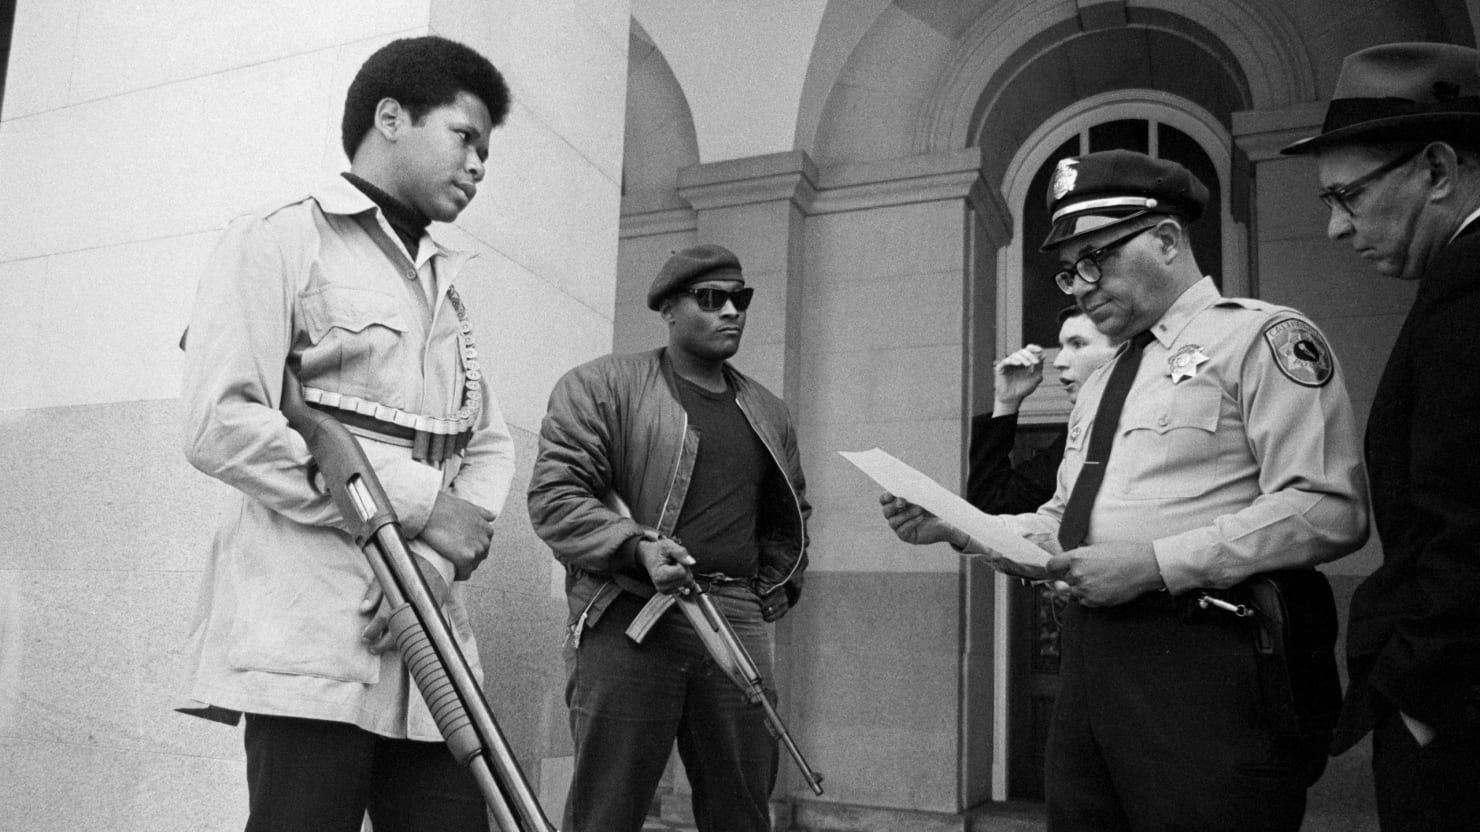 Реальная история «Черных пантер»: революция из гетто «Черных, Ньютон, пантер», партии, однако, чернокожих, людей, когда, только, черных, которые, стали, организации, оружие, «Черные, полицейские, время, всегда, итоге, стало